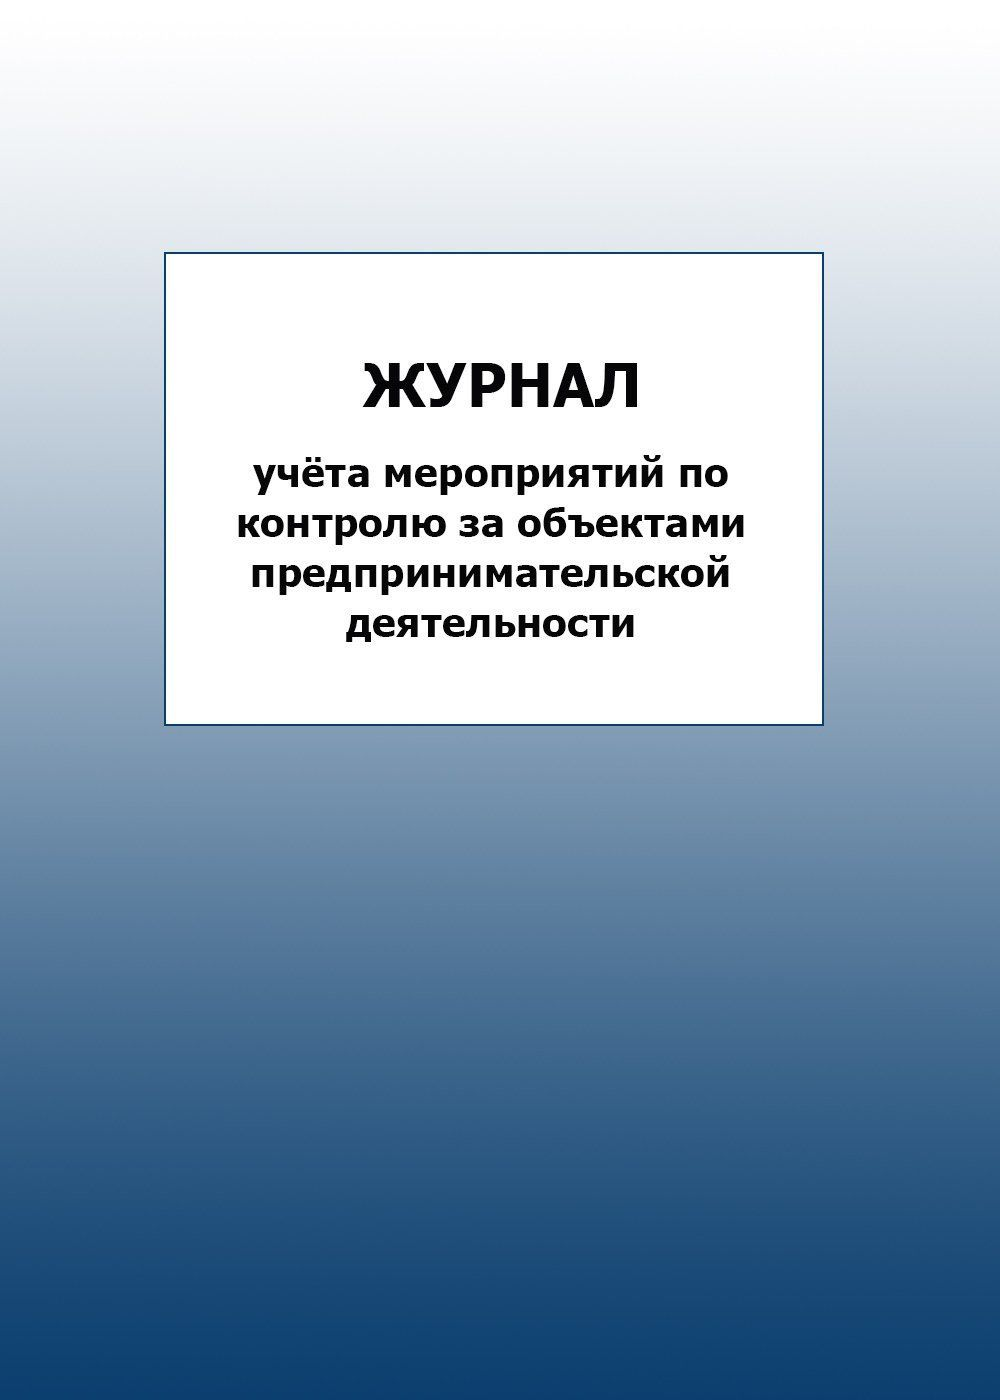 Журнал учёта мероприятий по контролю за объектами предпринимательской деятельности: упаковка 100 шт.